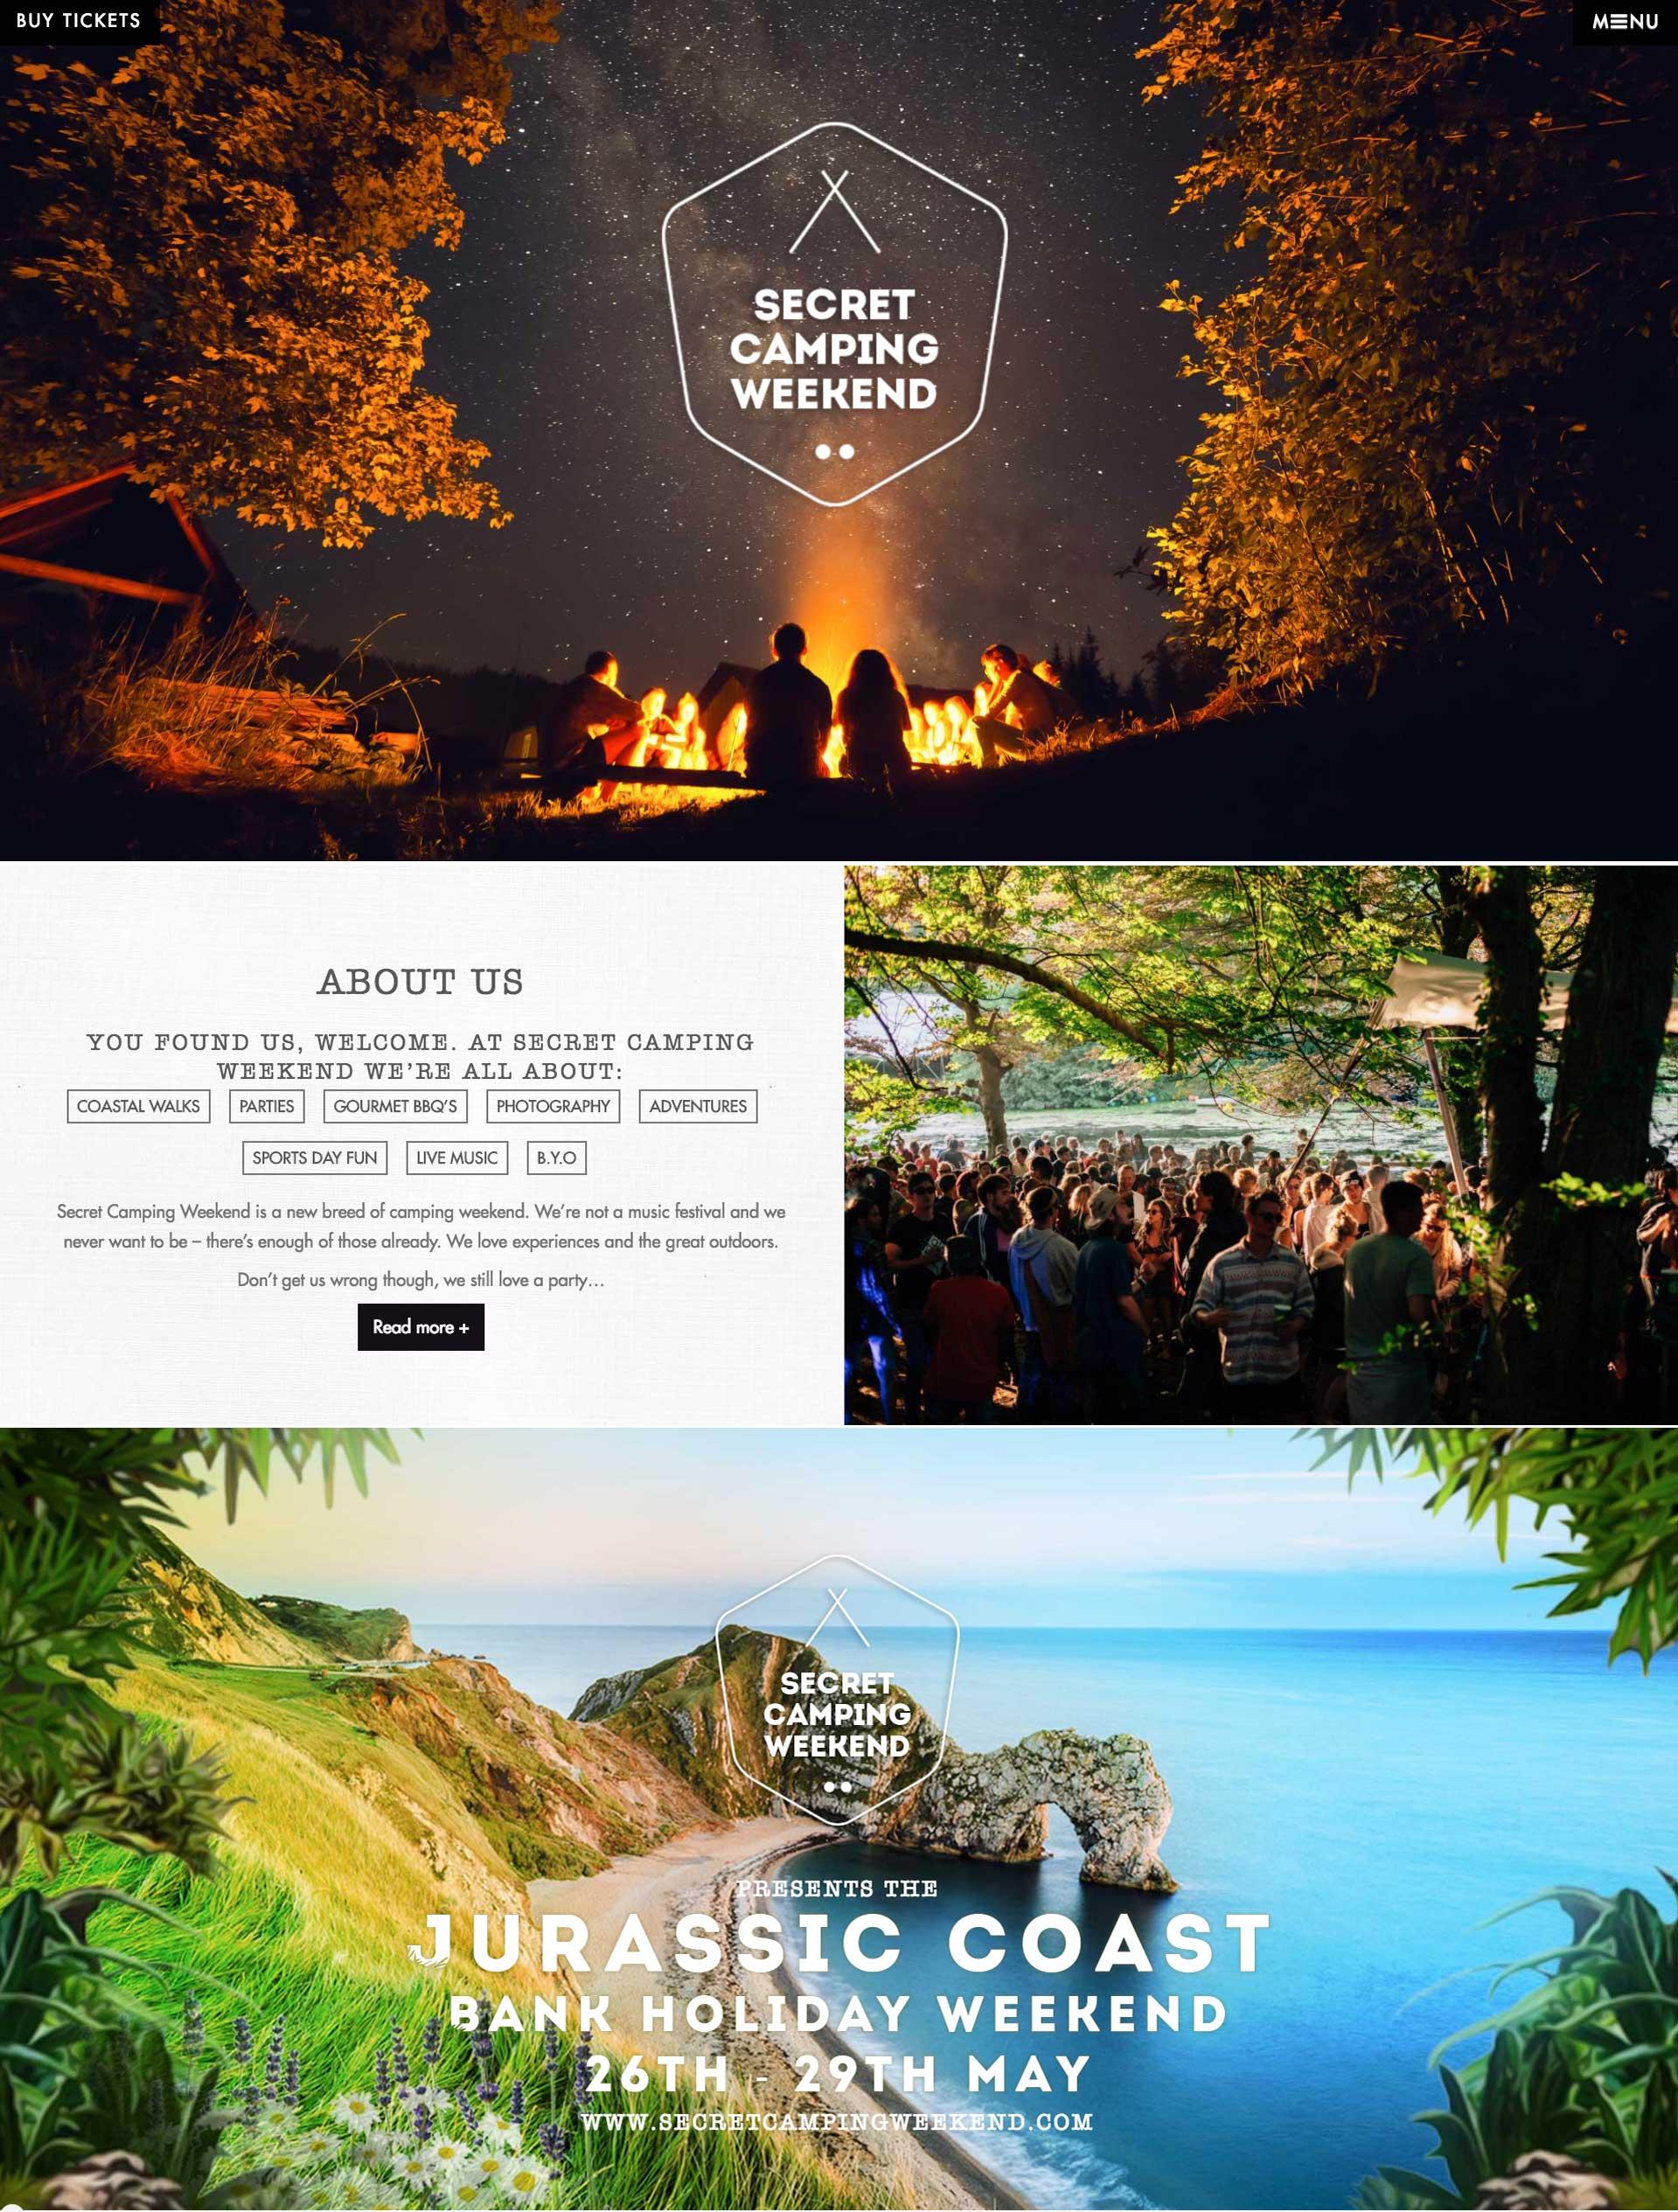 Secret Camping Weekend